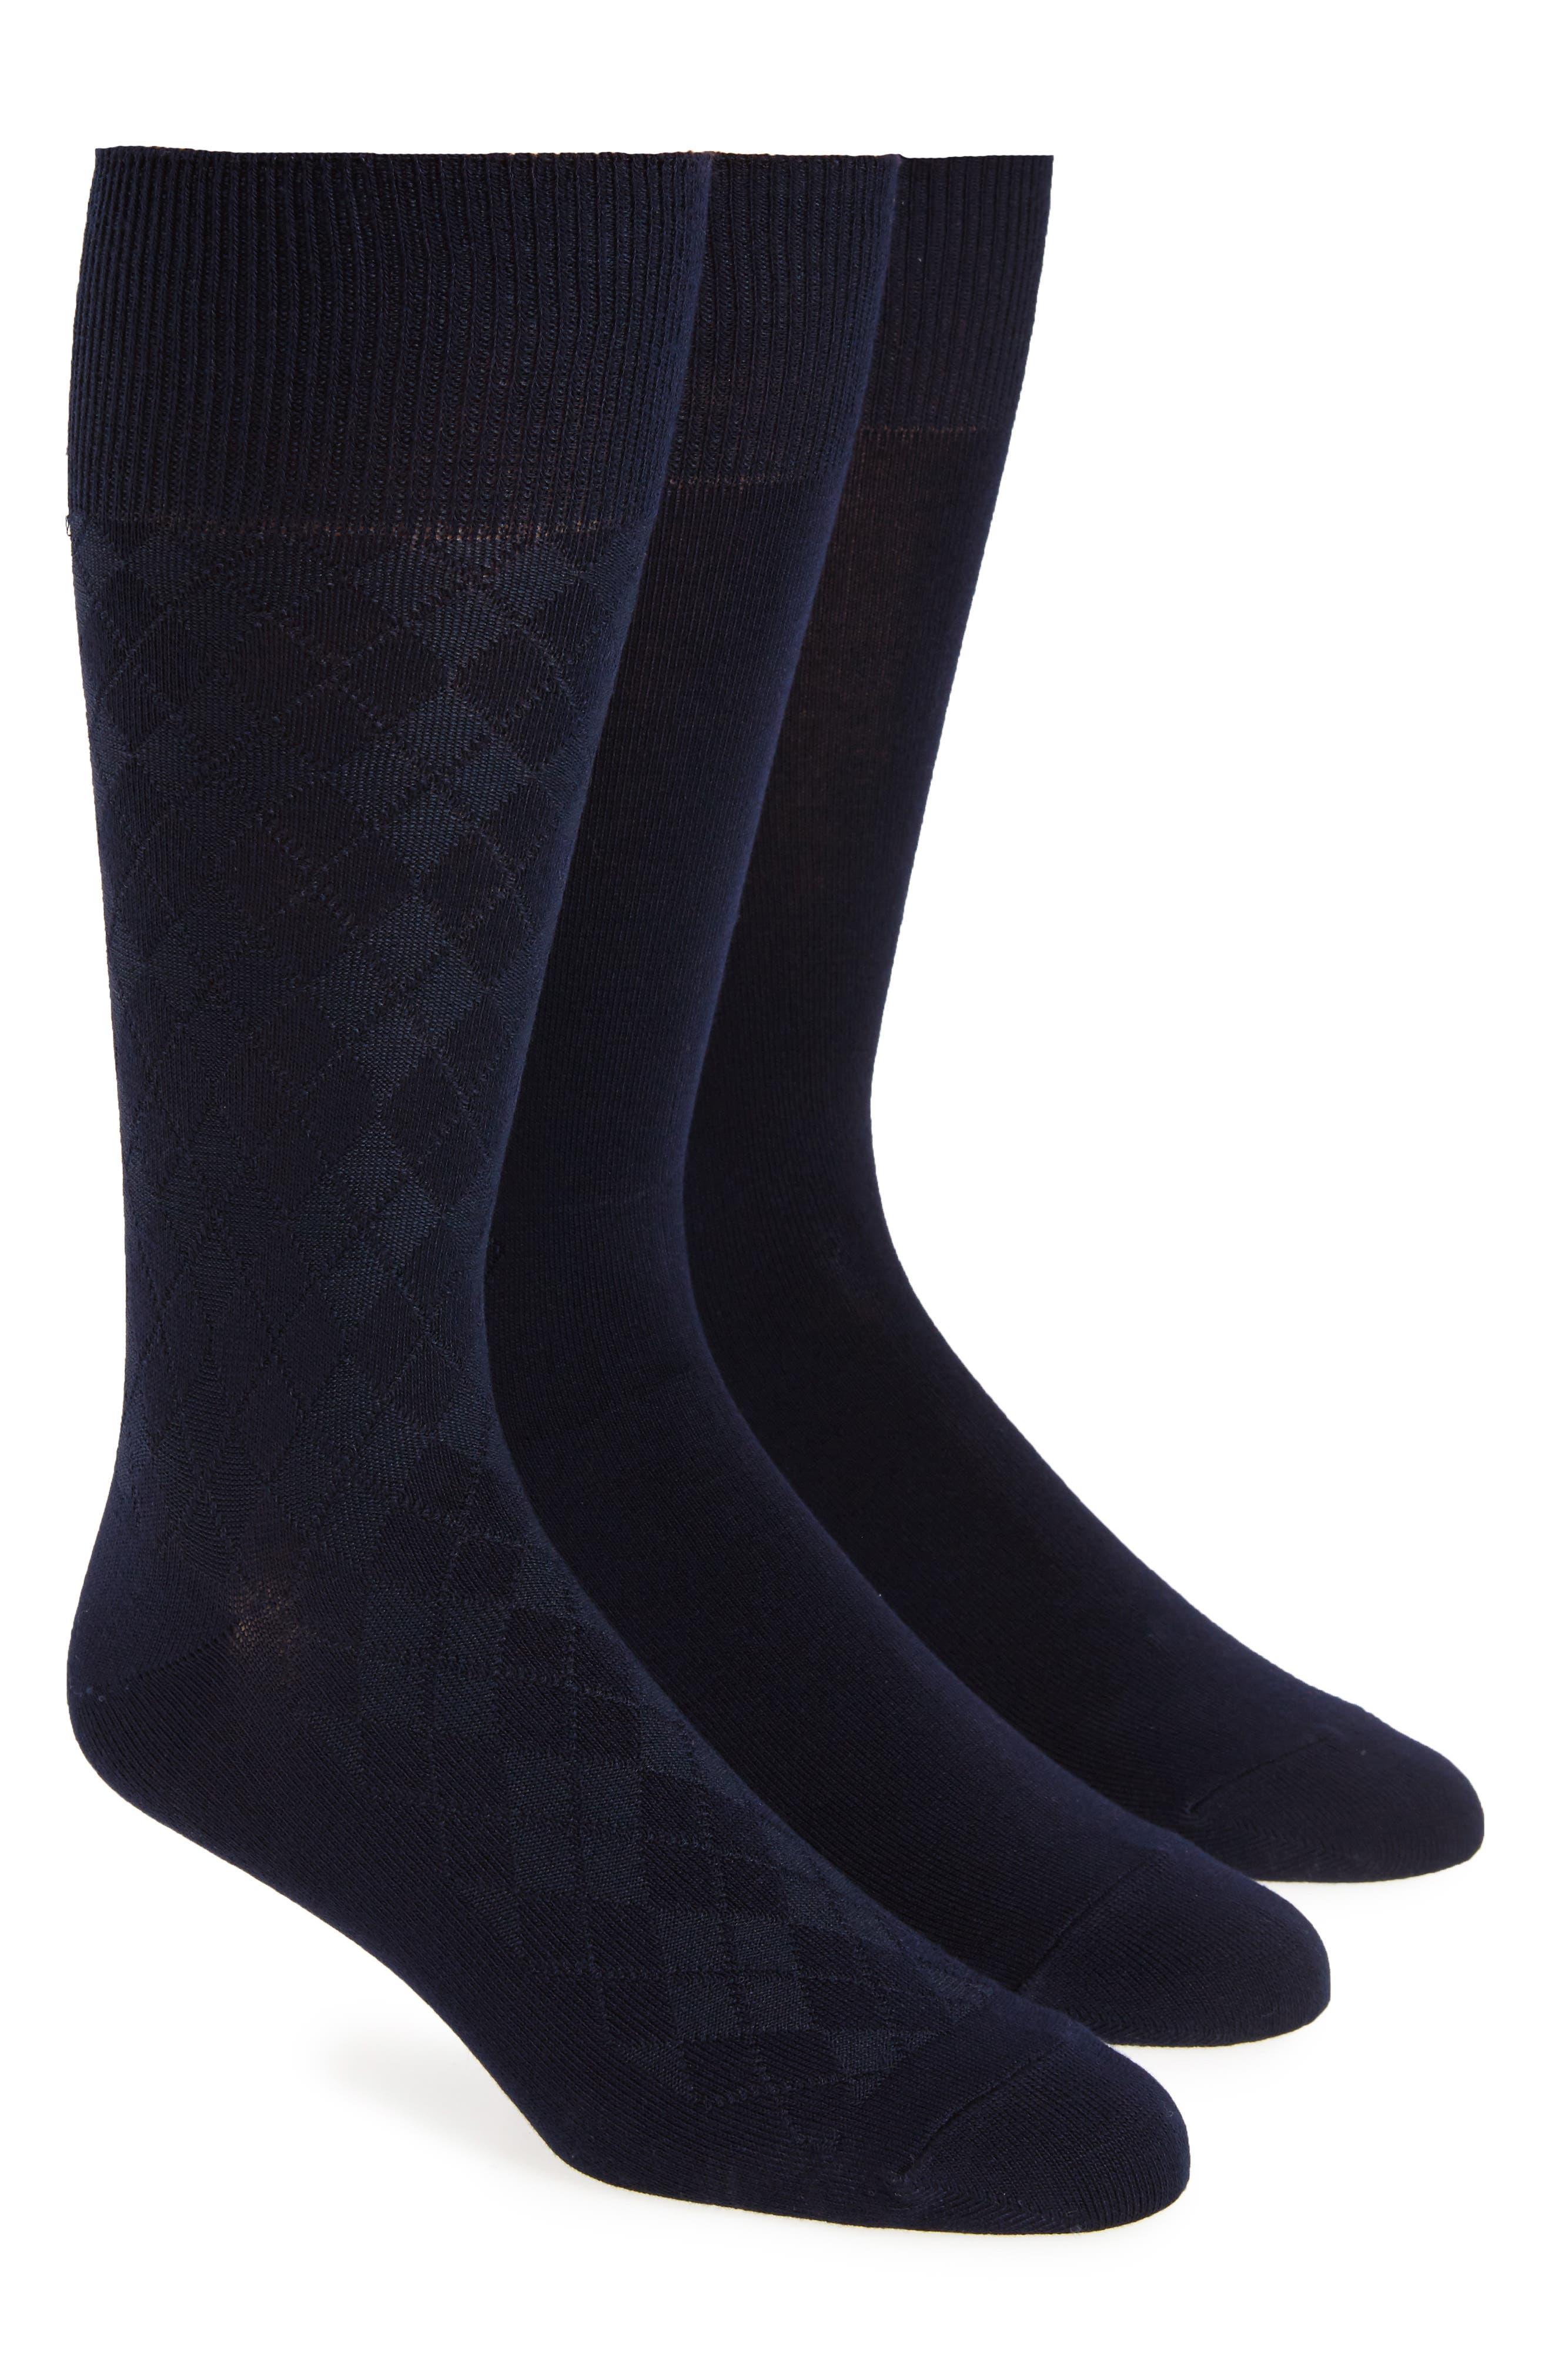 CALVIN KLEIN 3-Pack Socks, Main, color, NAVY